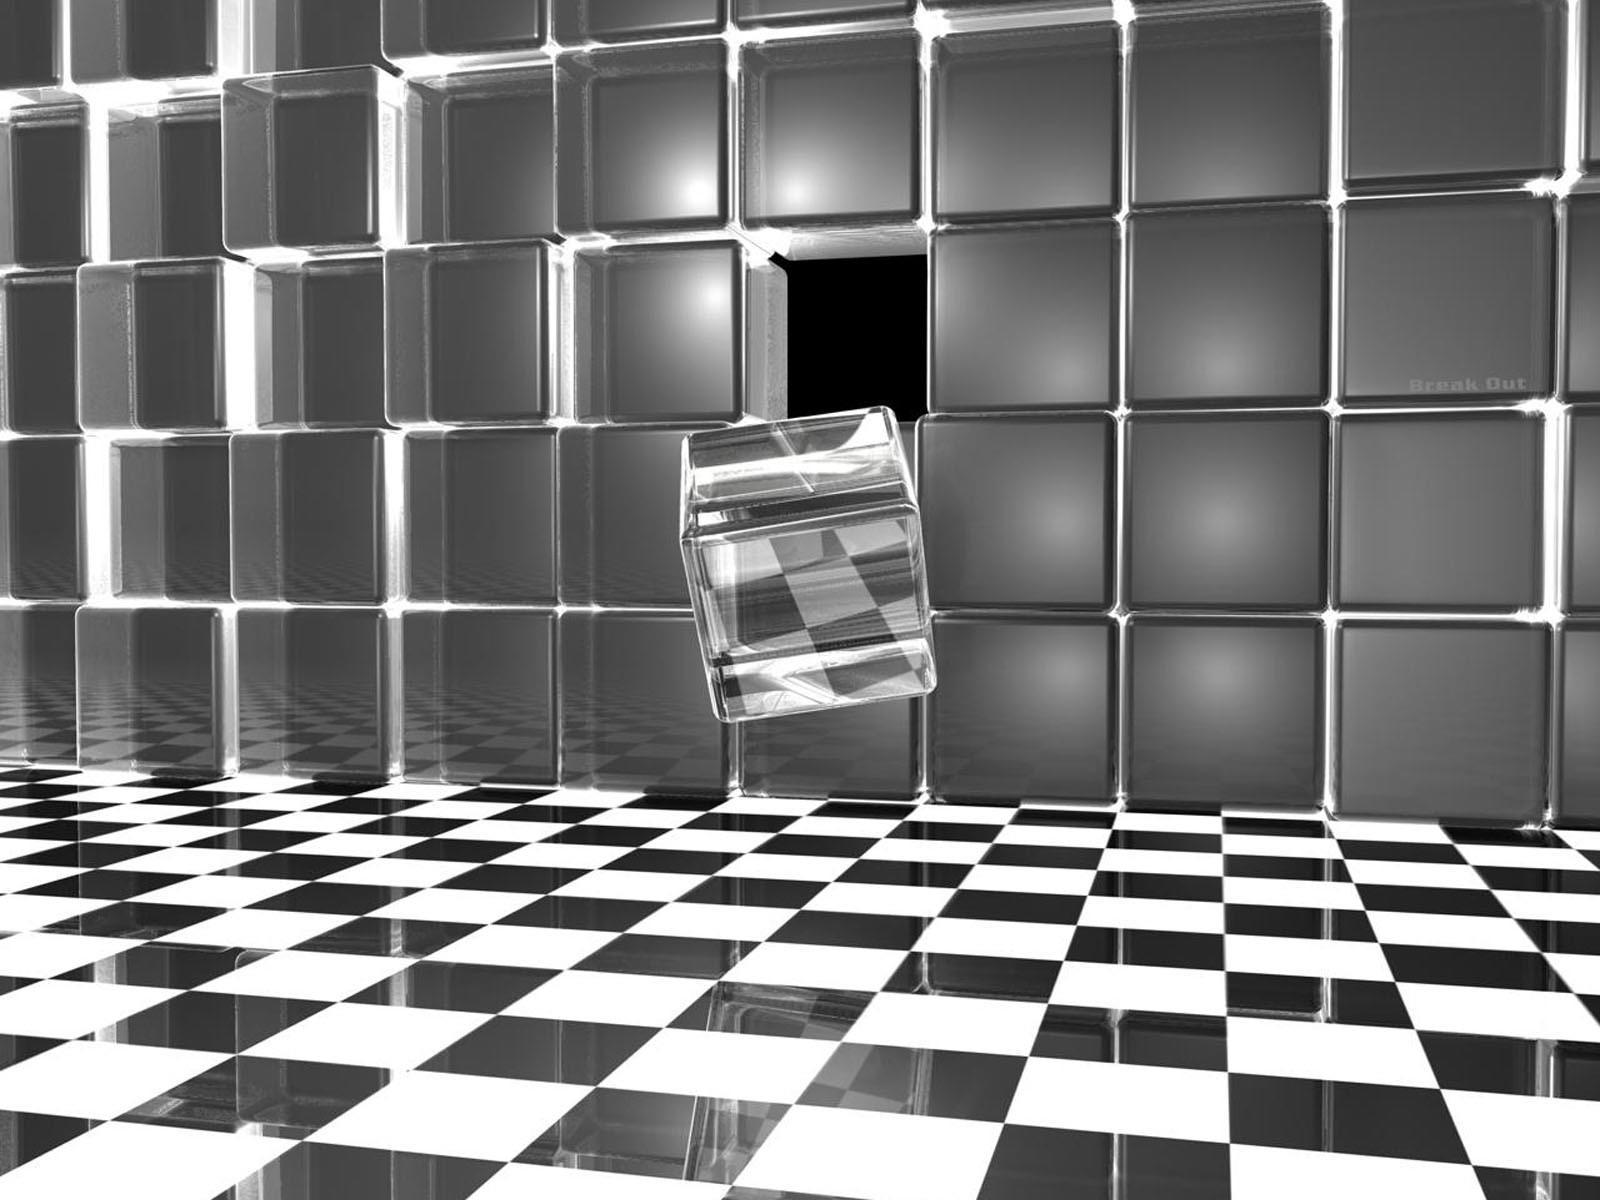 Фото 12.. Нажмите на картинку с 3D обоями, чтобы просмотреть ее в реальном размере